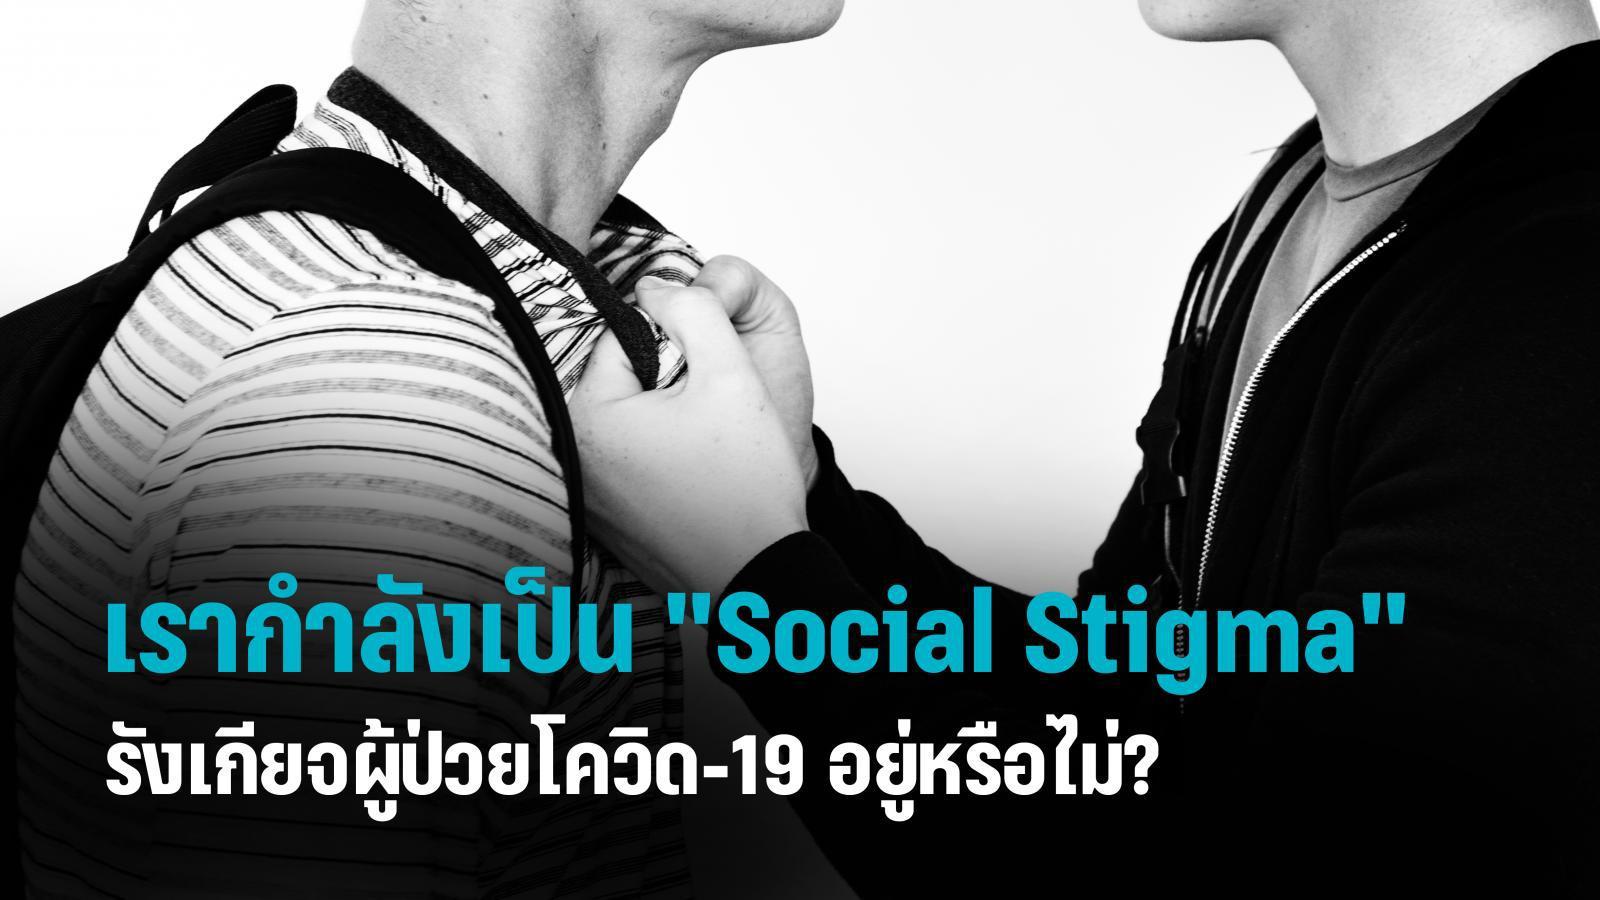 """เรากำลังเป็น """"Social Stigma""""  รังเกียจผู้ป่วยโควิด-19 อยู่หรือไม่?"""